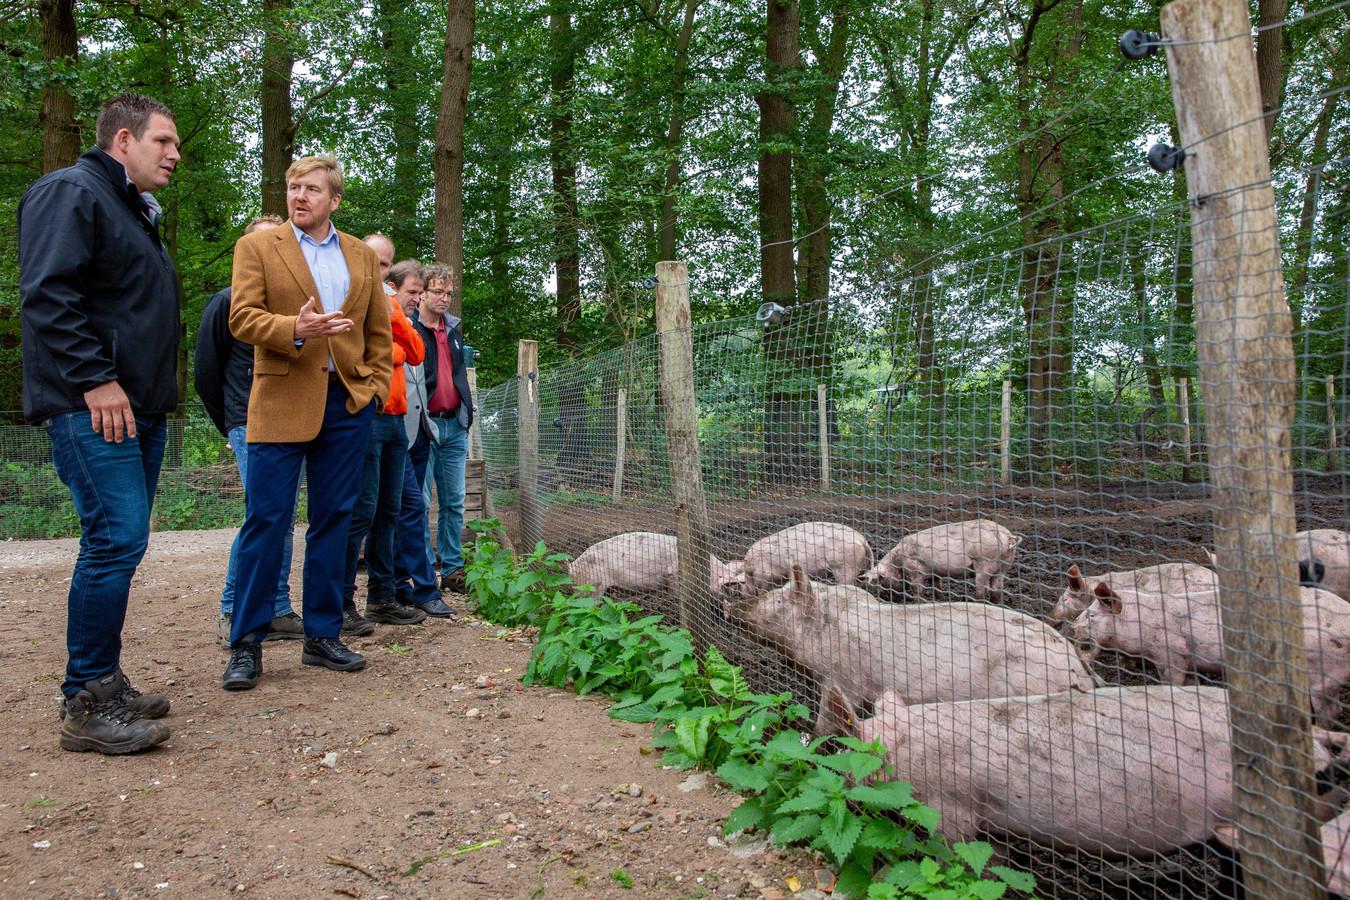 Koning Willem-Alexander tijdens een werkbezoek aan de Herenboeren in Boxtel.